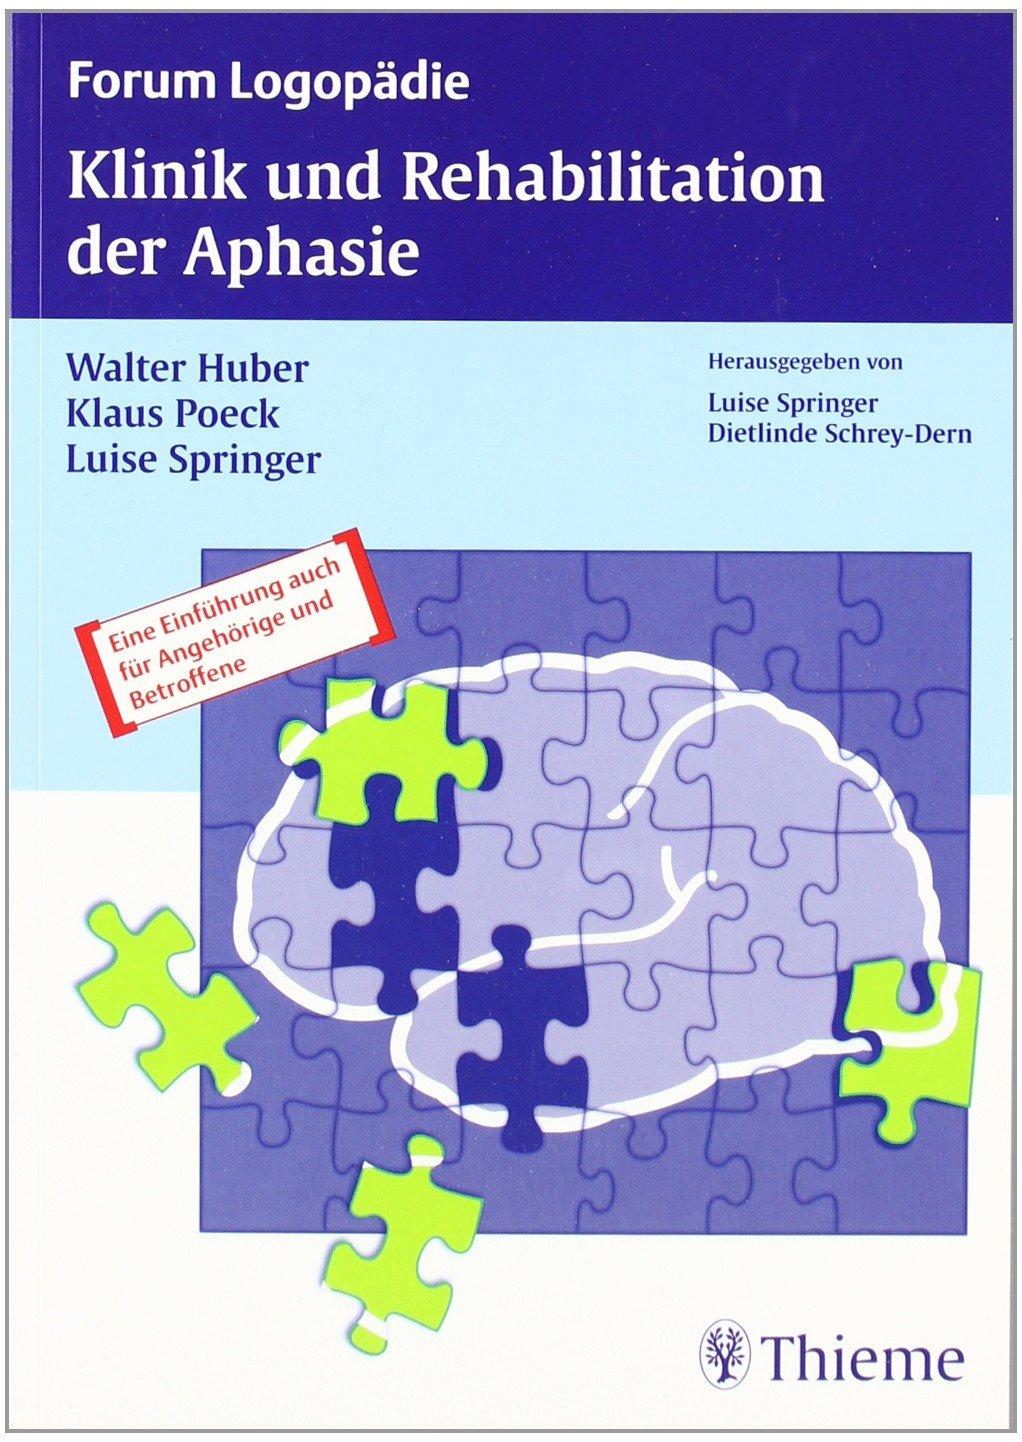 Klinik und Rehabilitation der Aphasie: Eine Einführung für Therapeuten, Angehörige und Betroffene